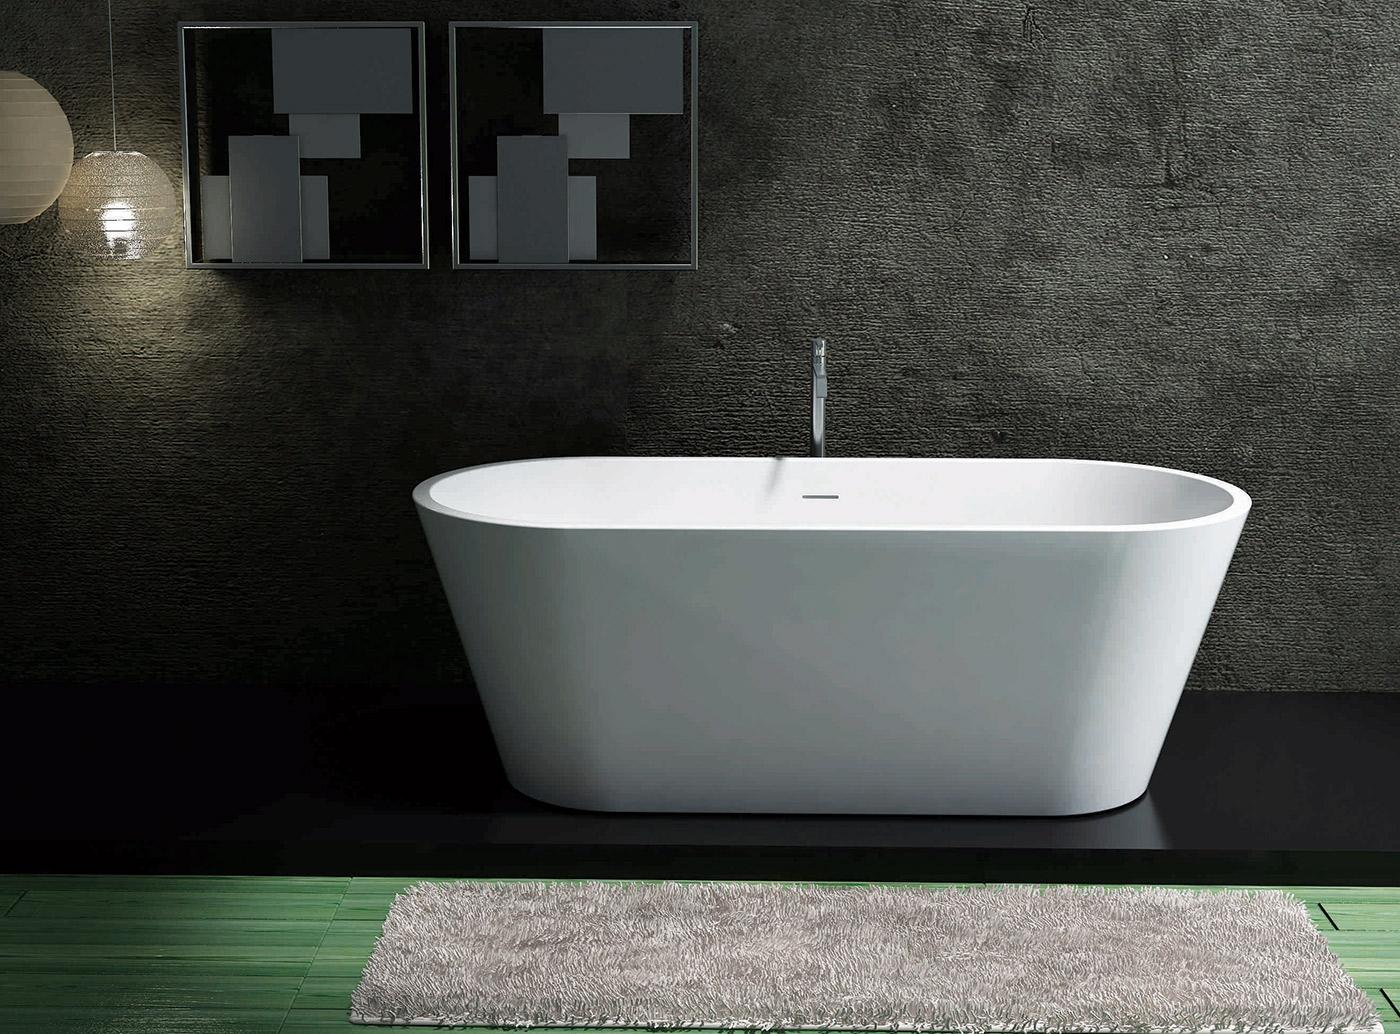 freestanding bathtubs sydney 28 images serenity dado olivia bathtub freestanding bath. Black Bedroom Furniture Sets. Home Design Ideas